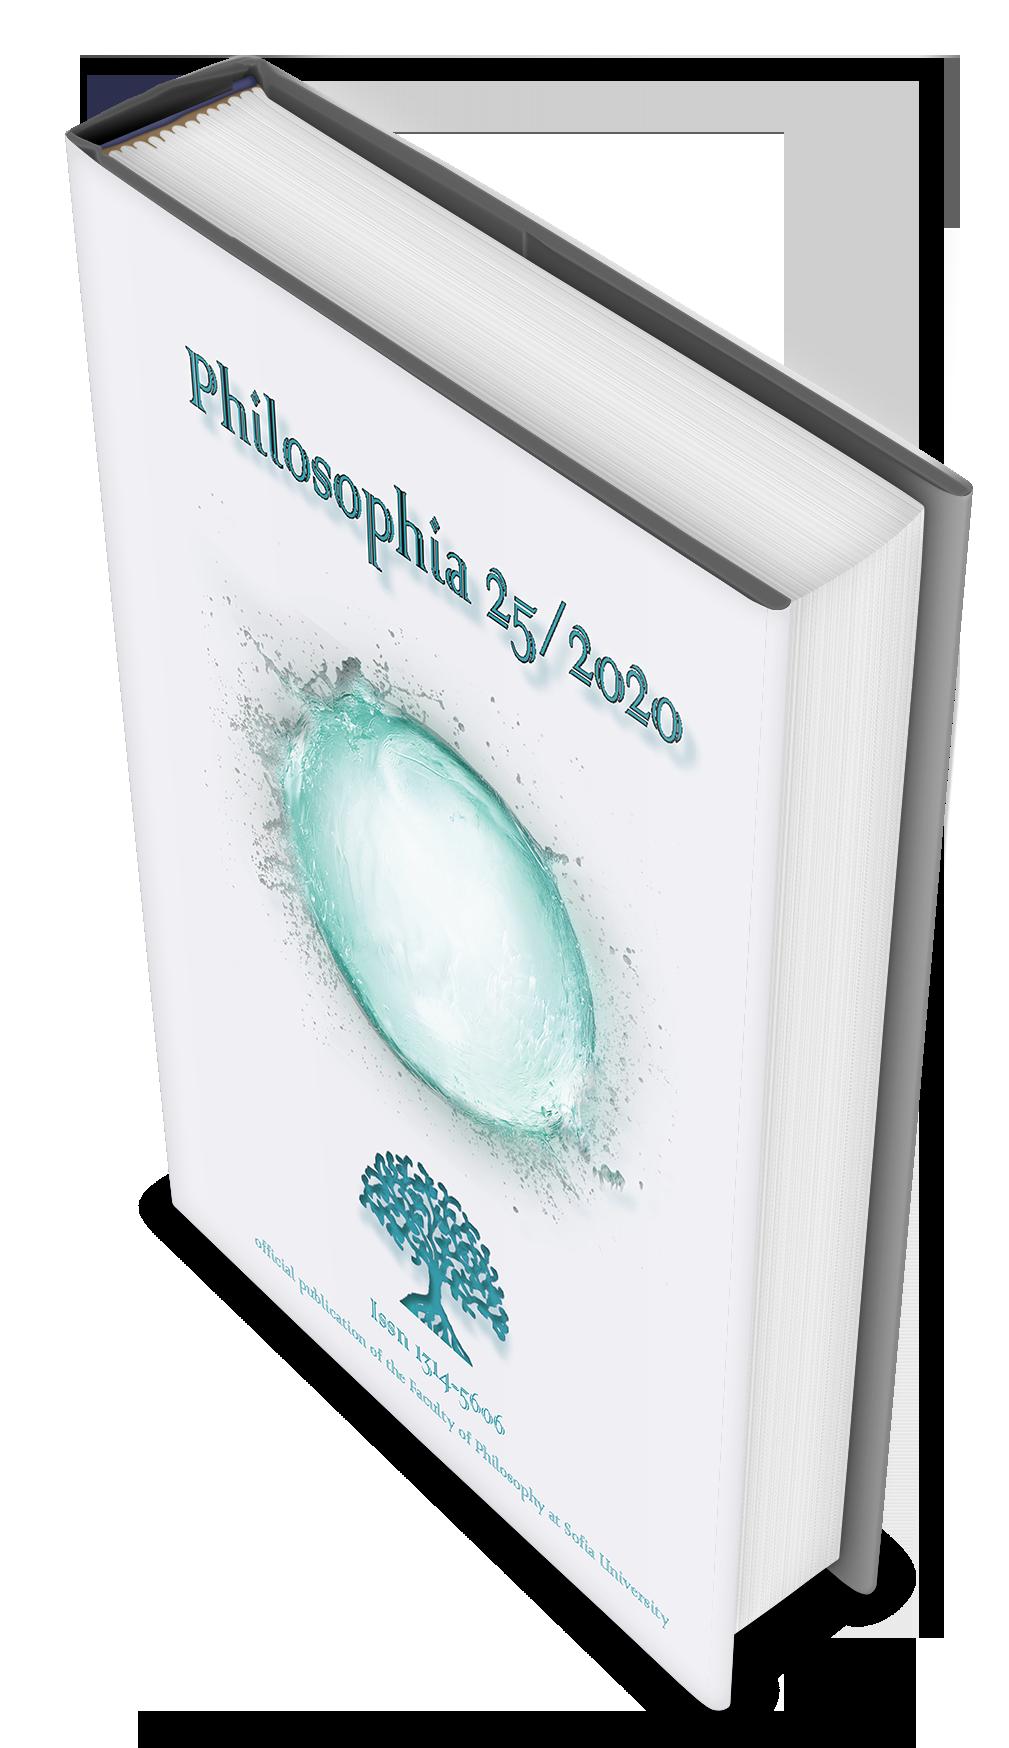 philosophia-25-2020-cover